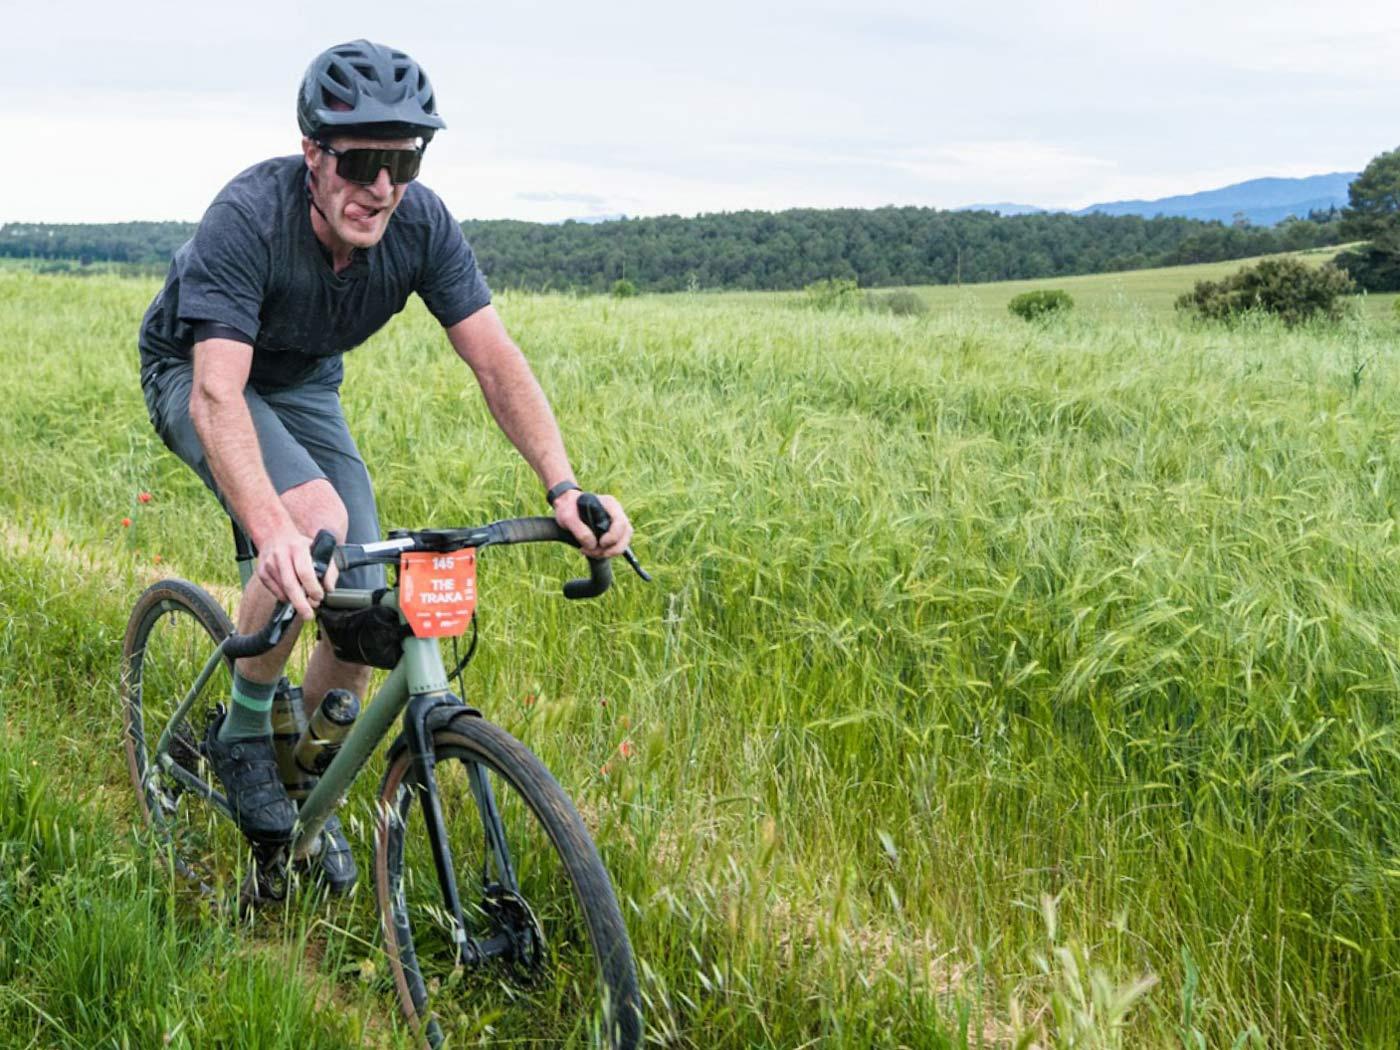 Commencal FCB Gravel project frameset, frame kit option, custom gravel bike build,Traka 200